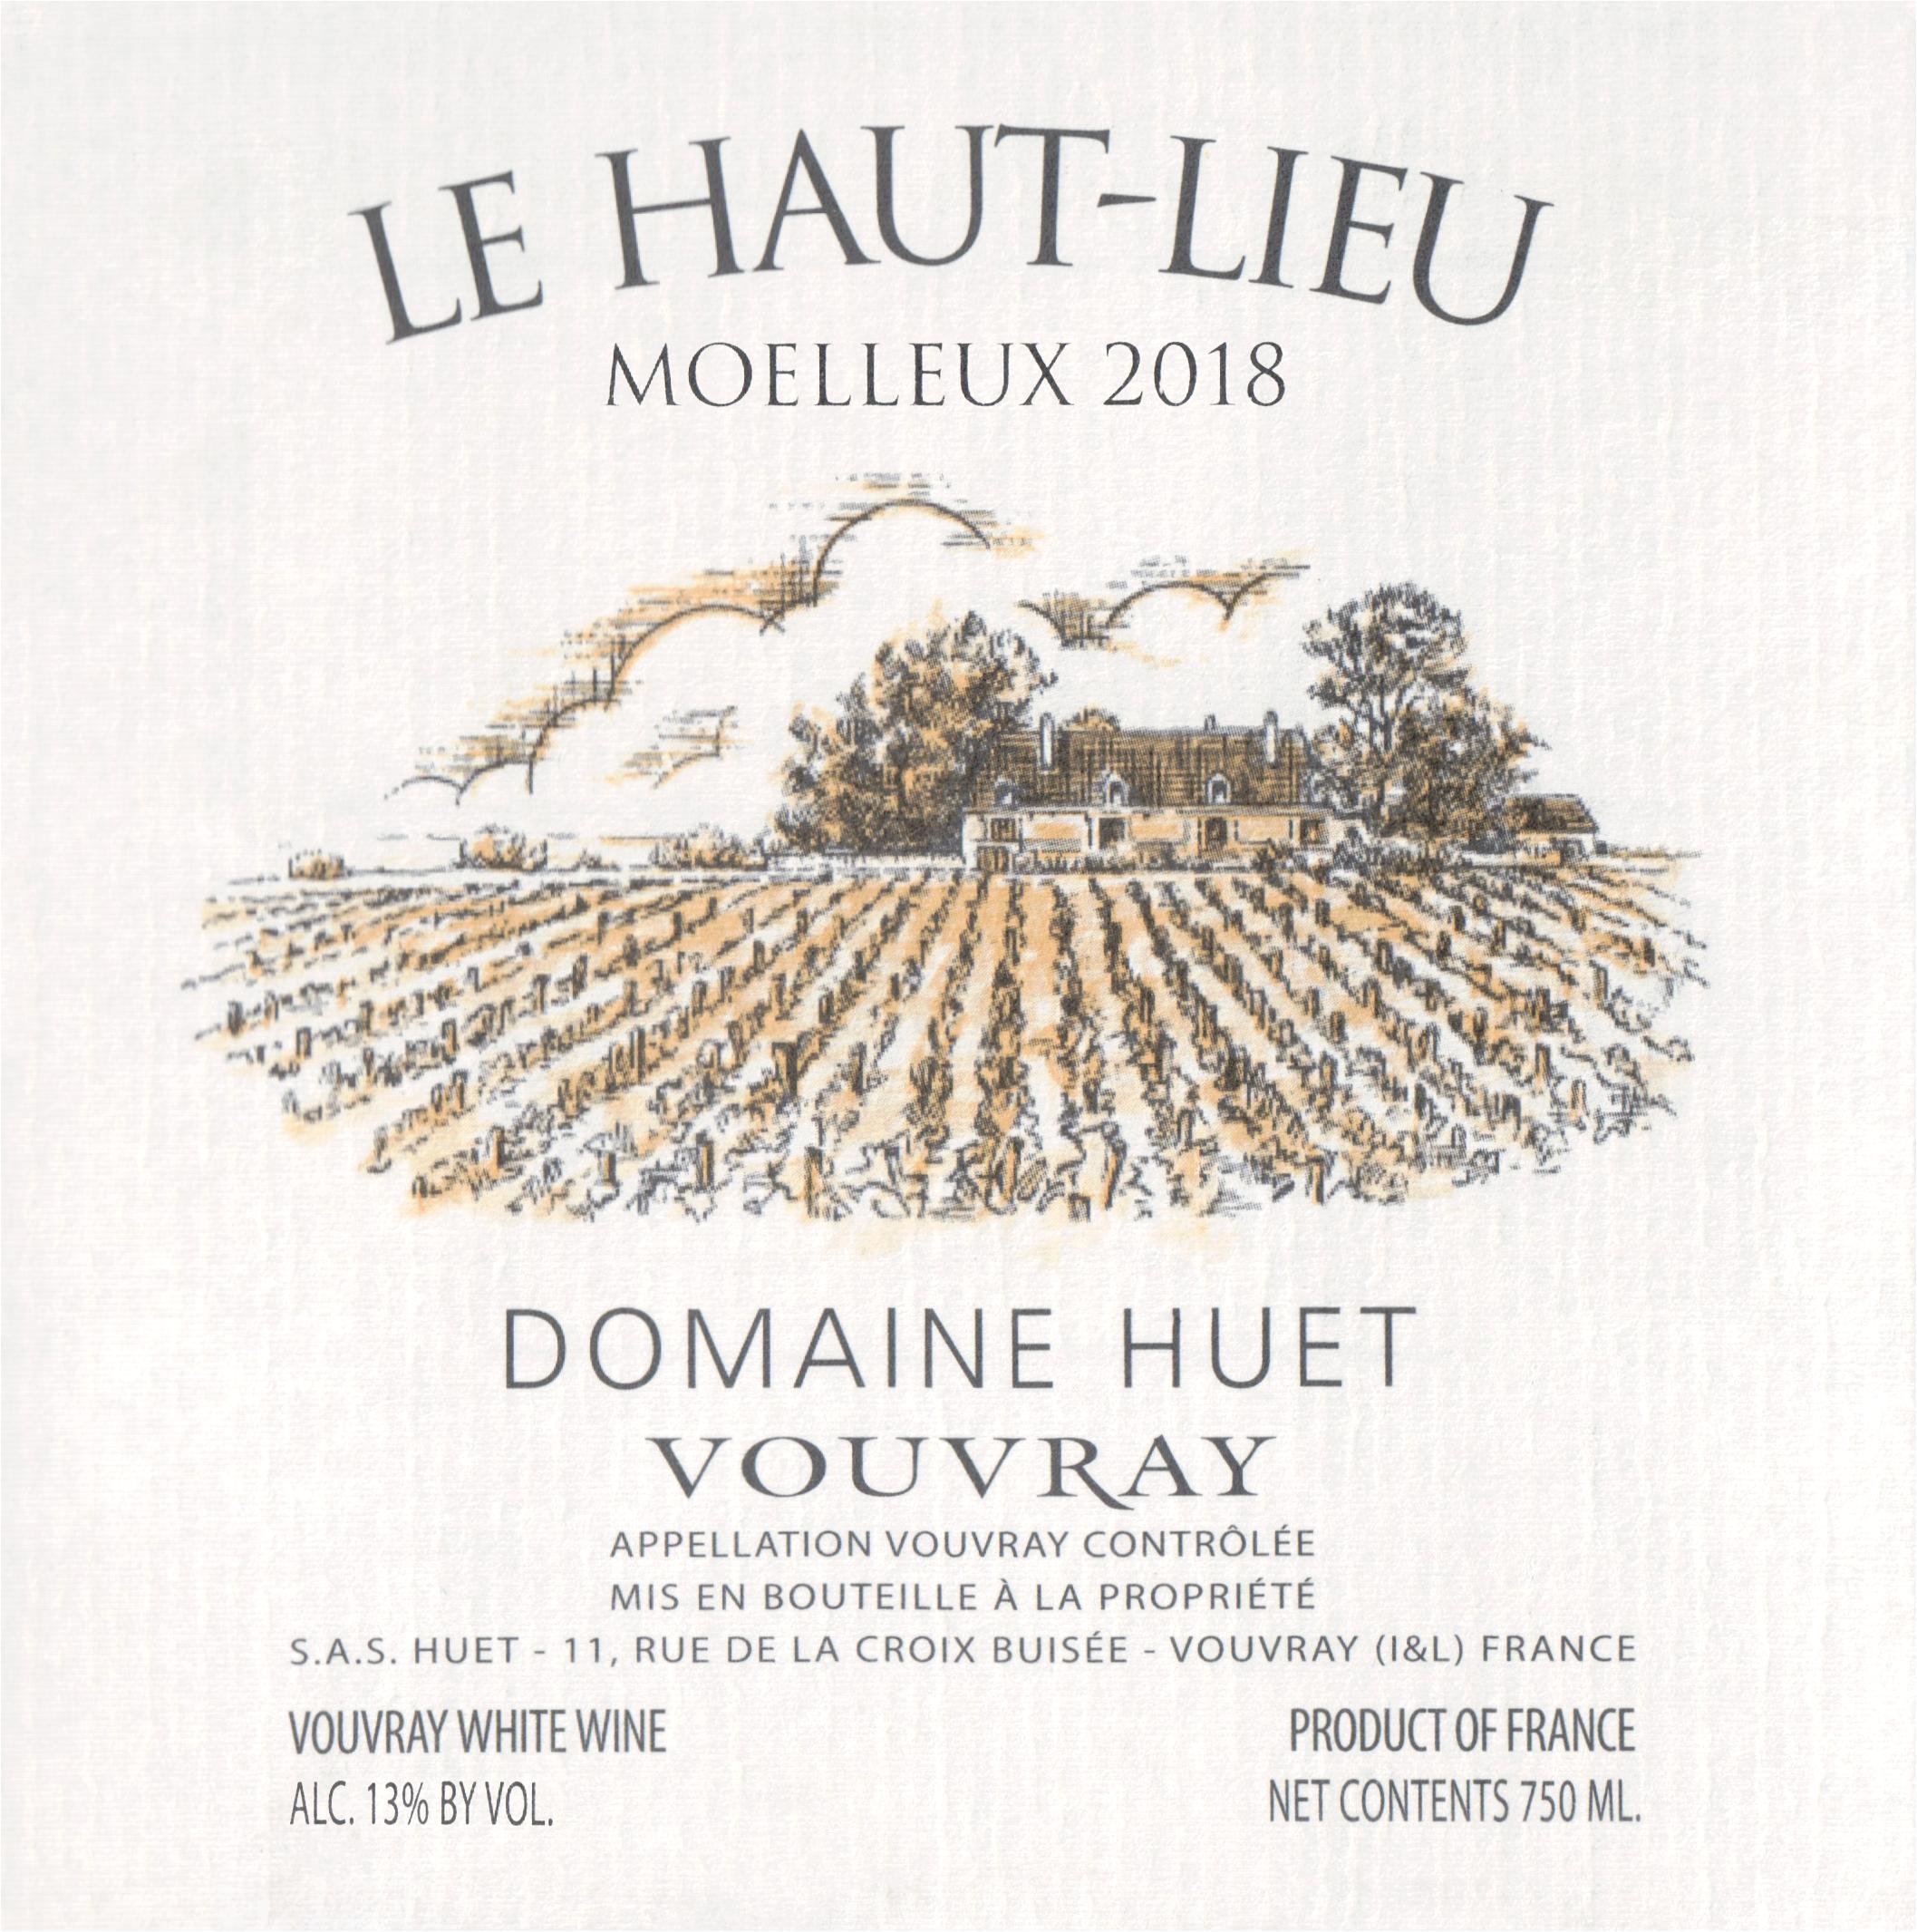 Huet Vouvray Moelleux Haut Lieu 2018